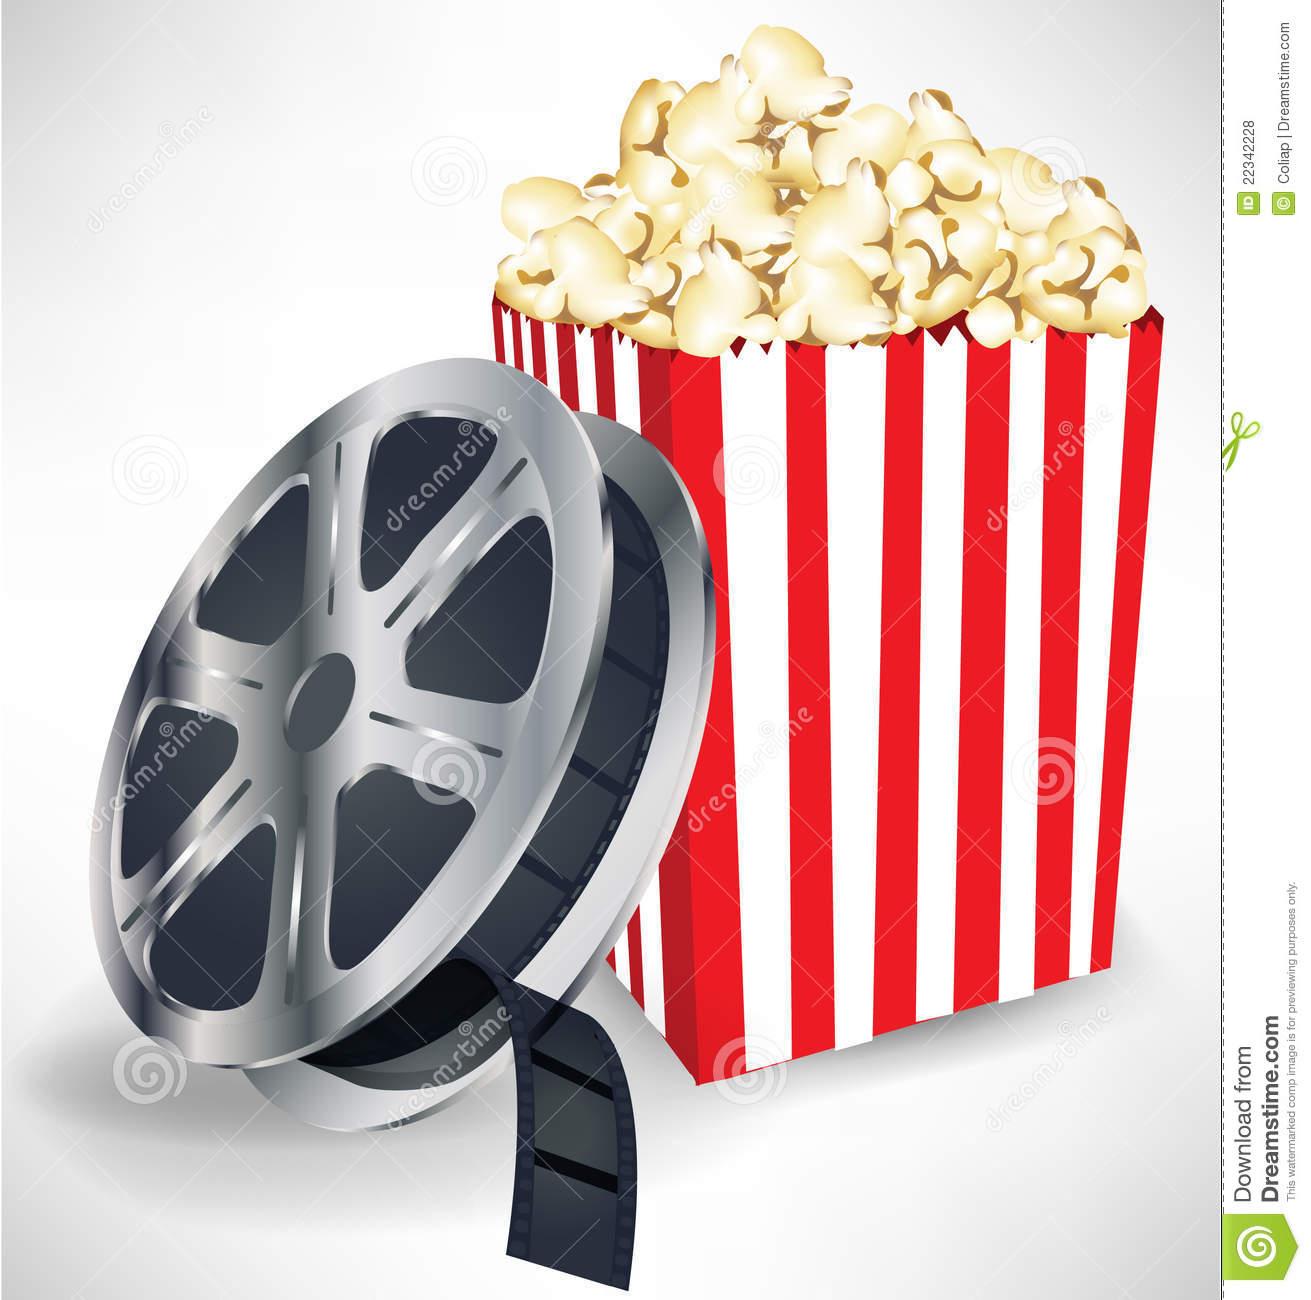 Popcorn cliparts.